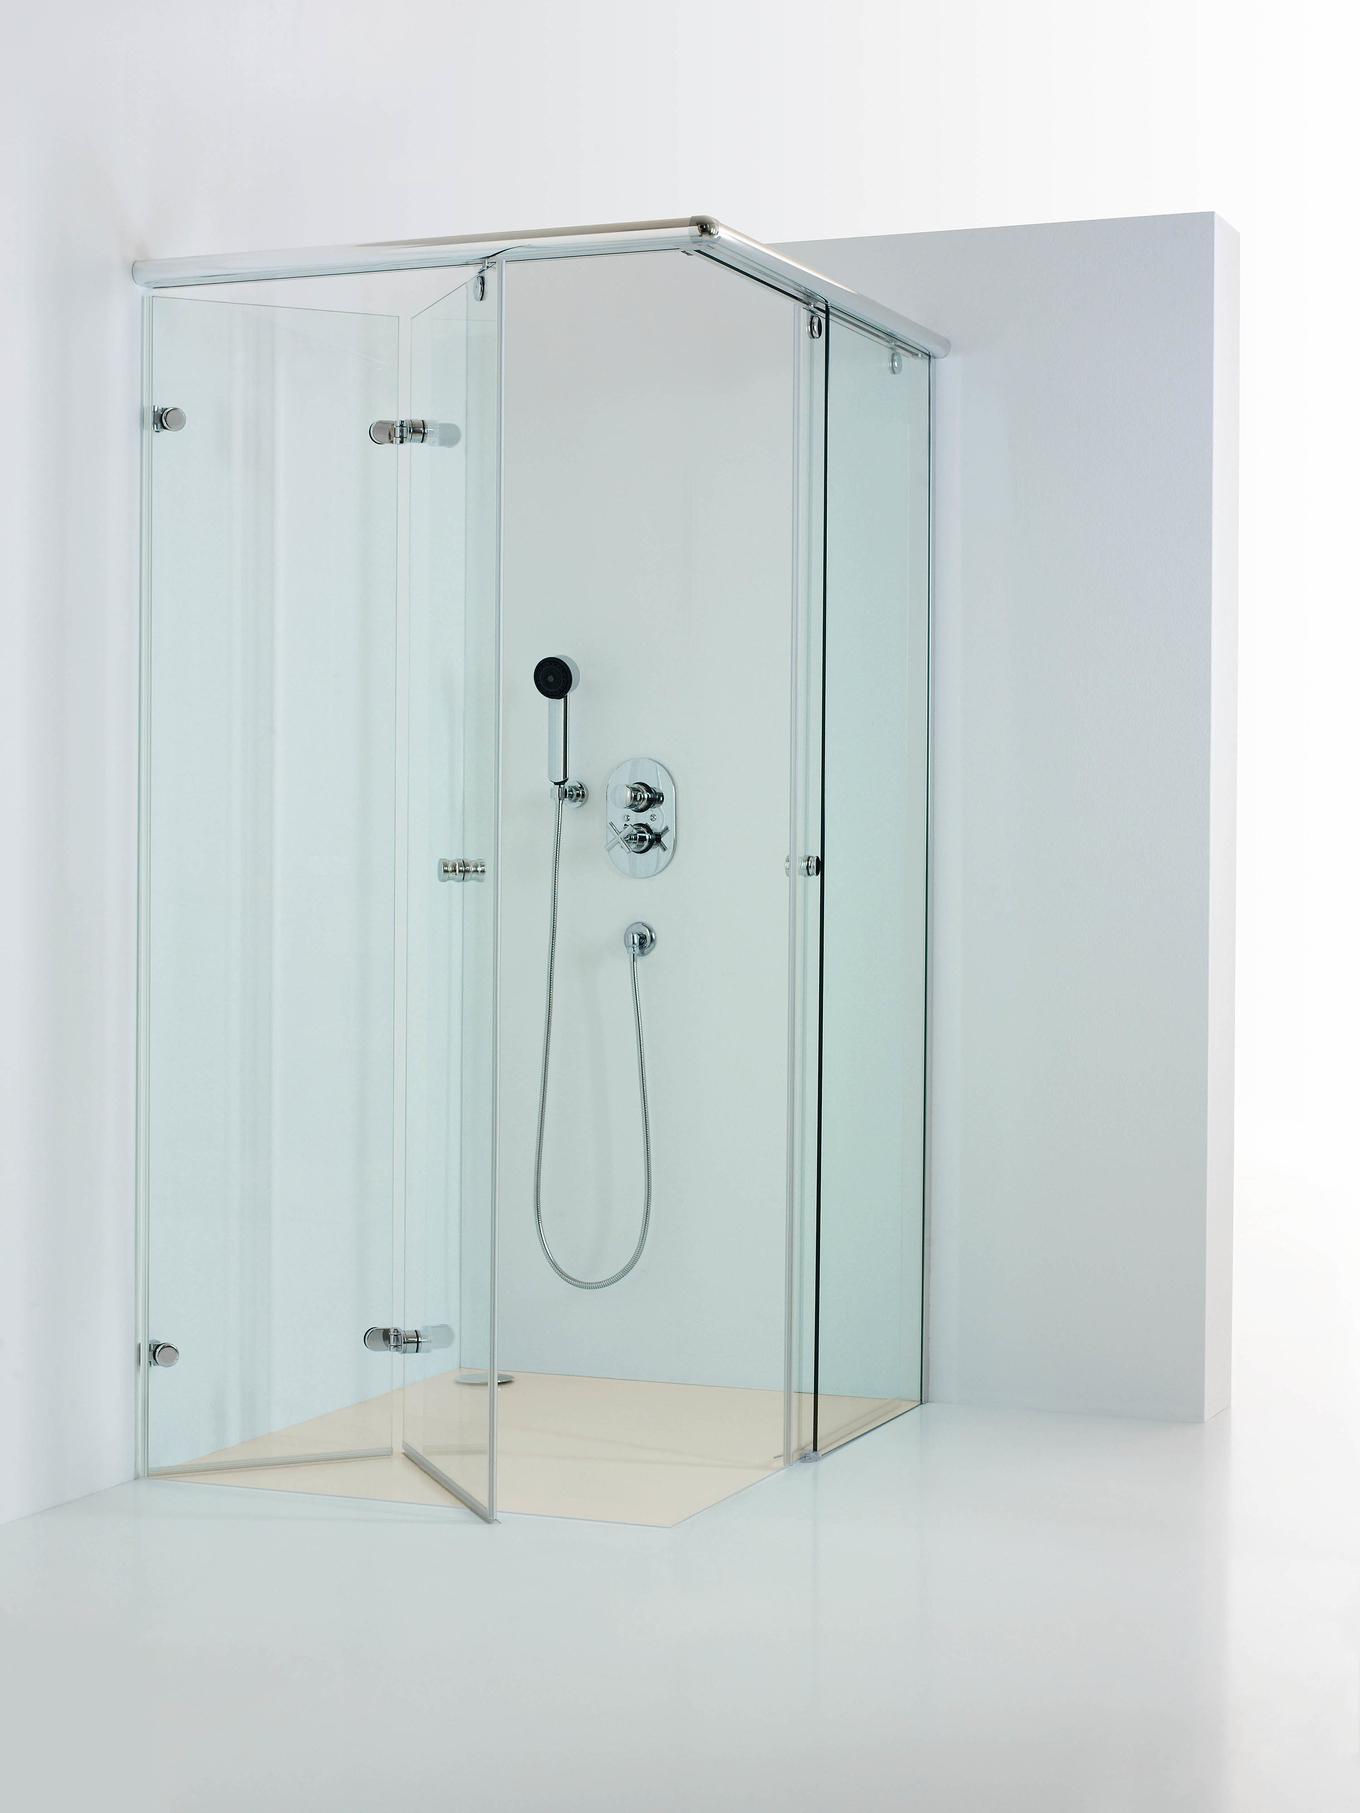 Full Size of Sprinz Duschen Glasdusche Onyx Hüppe Schulte Werksverkauf Hsk Bodengleiche Begehbare Moderne Breuer Kaufen Dusche Sprinz Duschen